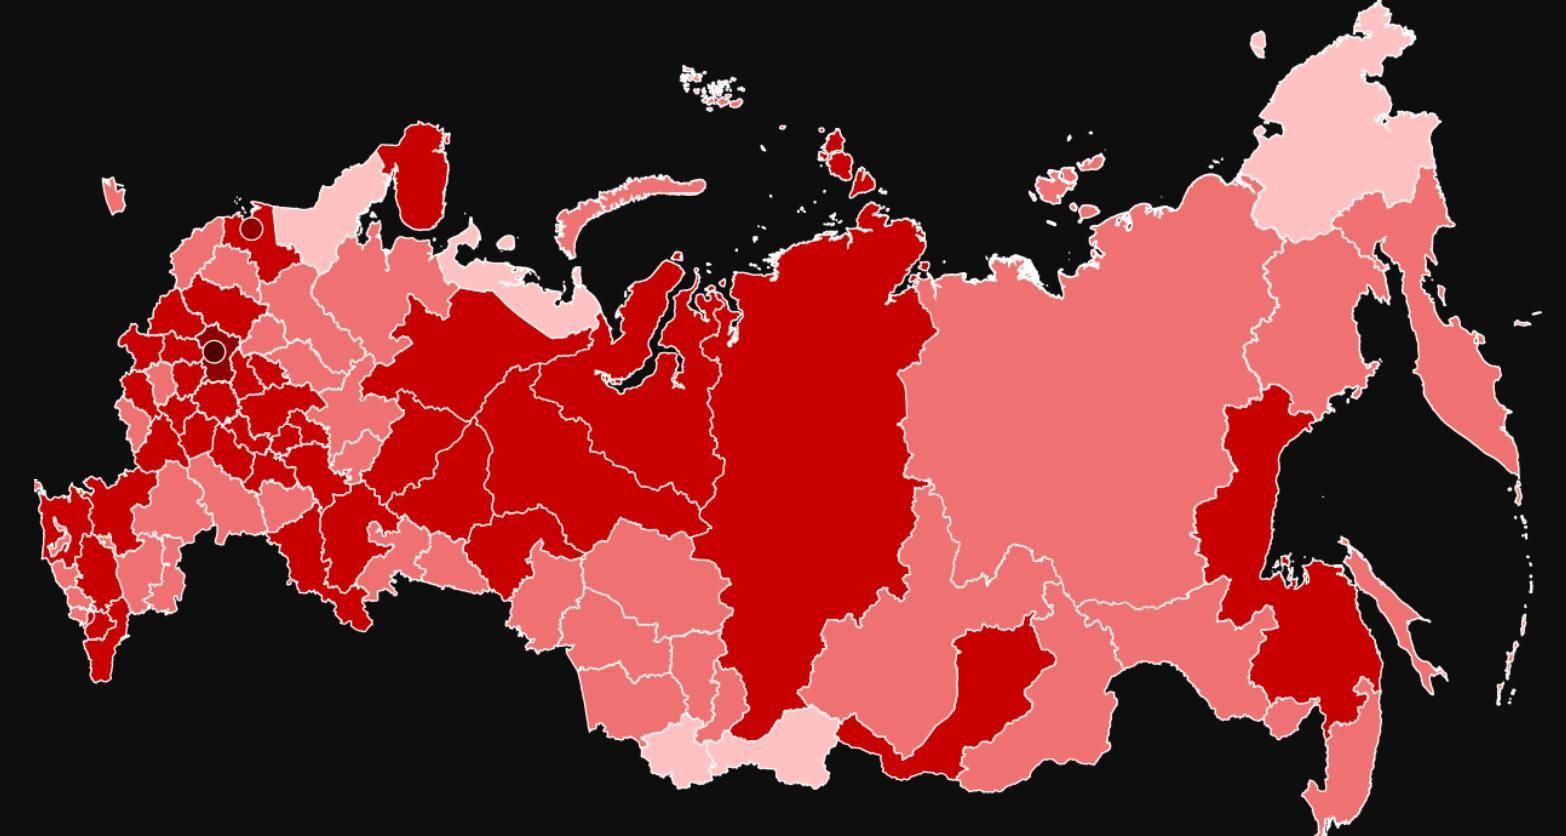 В Москве и Питере от коронавируса умерло рекордное число зараженных: штаб РФ показал новые цифры